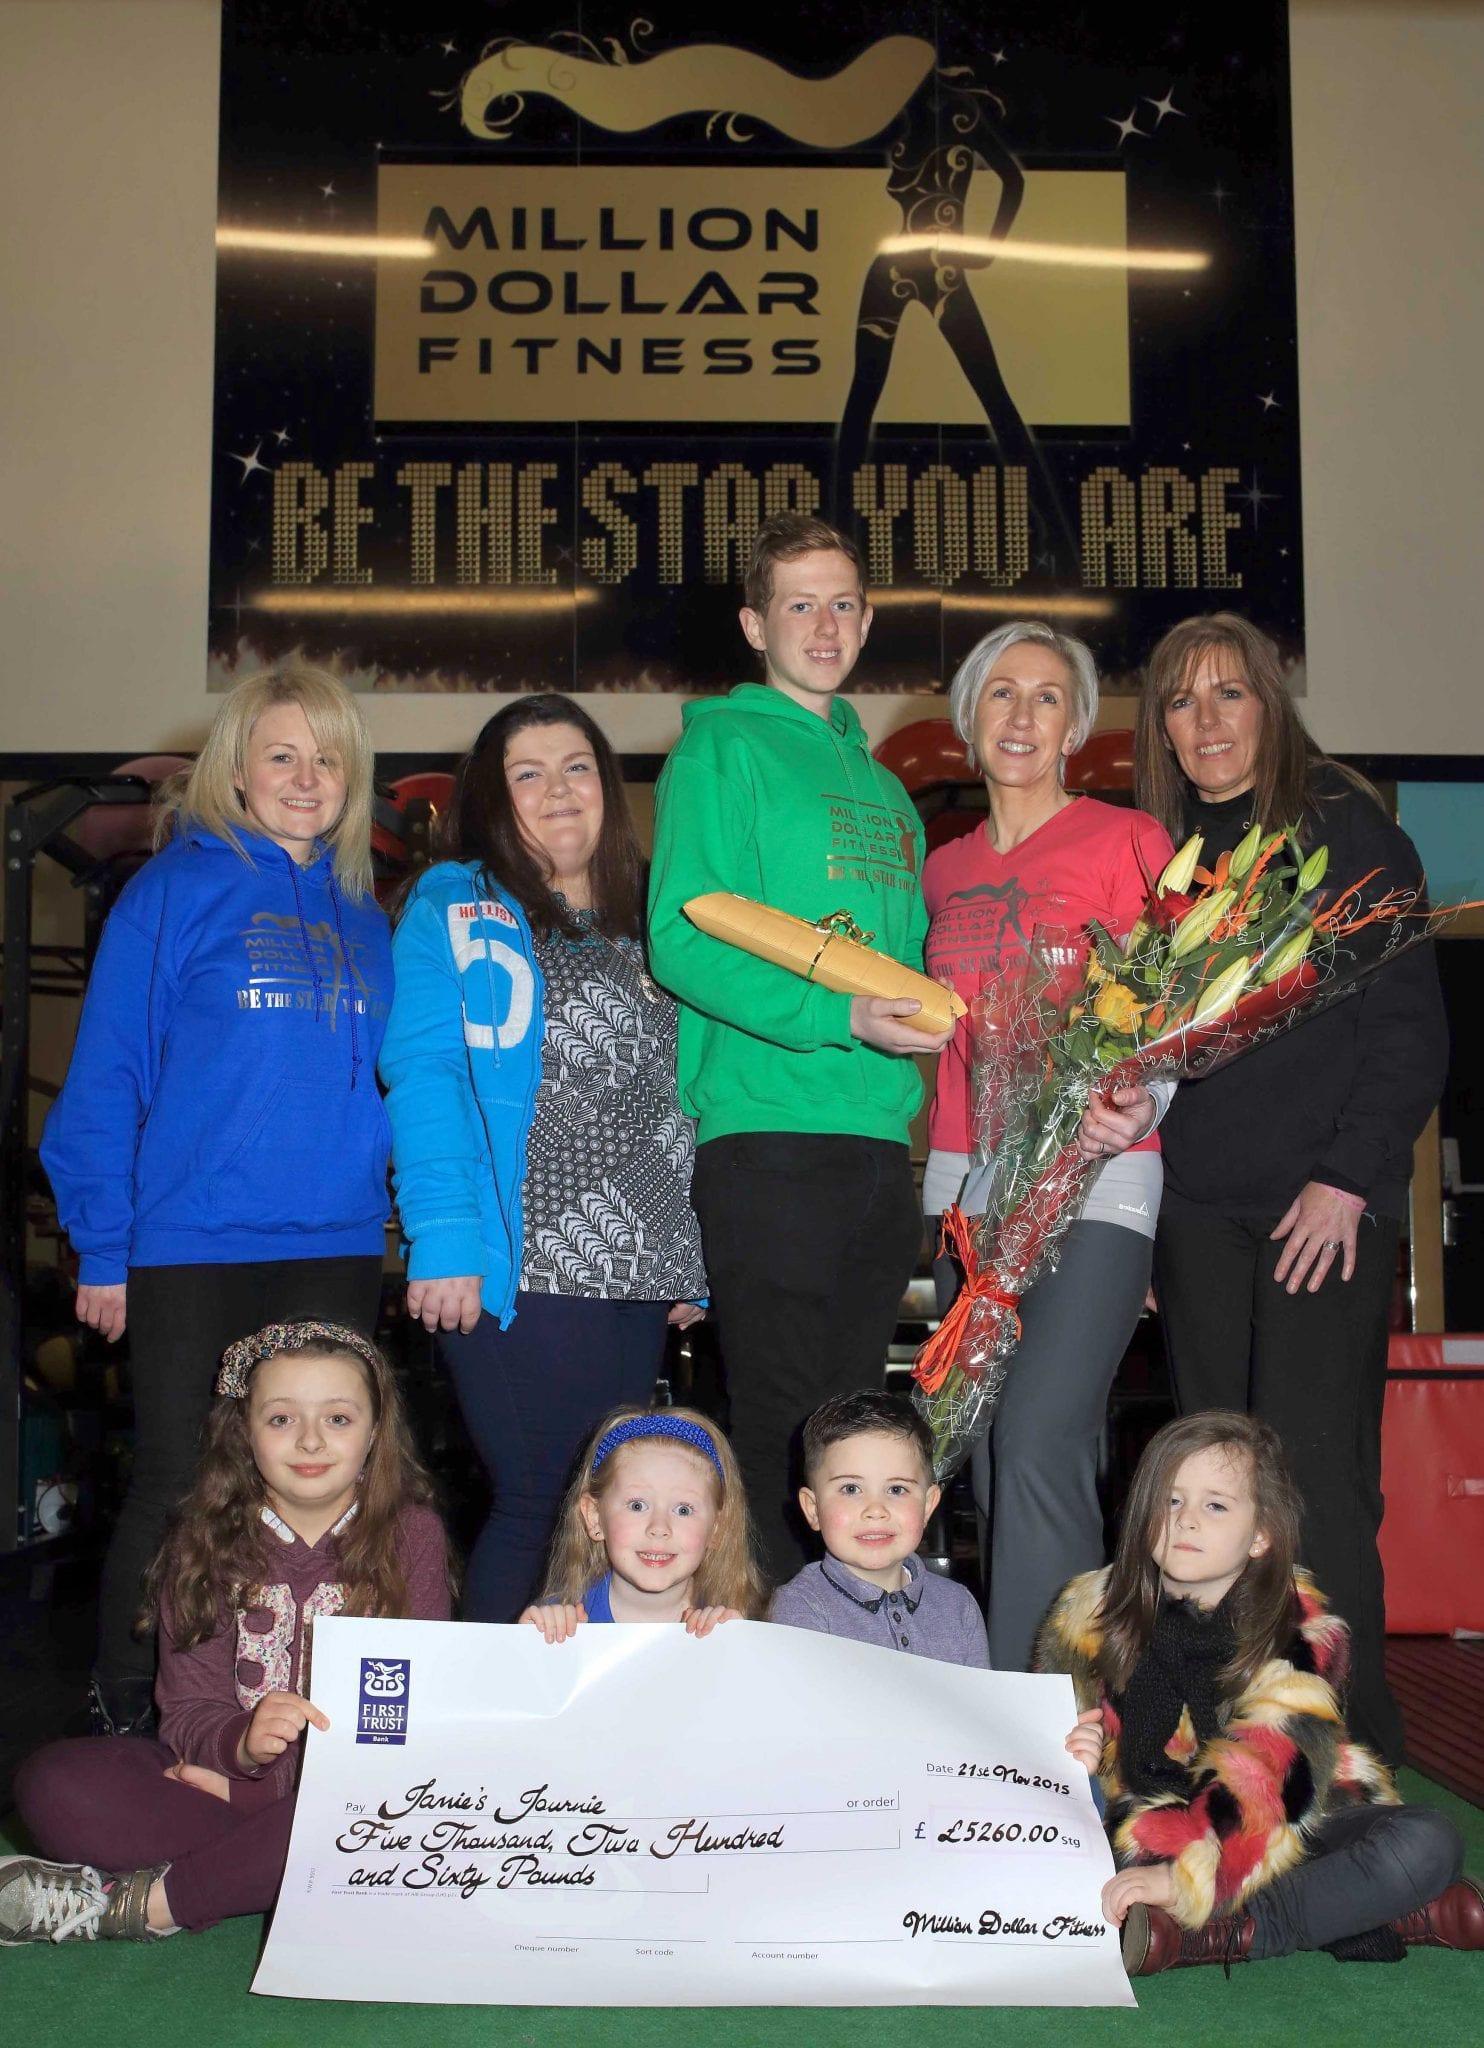 Million Dollar Fitness presentation to Jamie's Journie